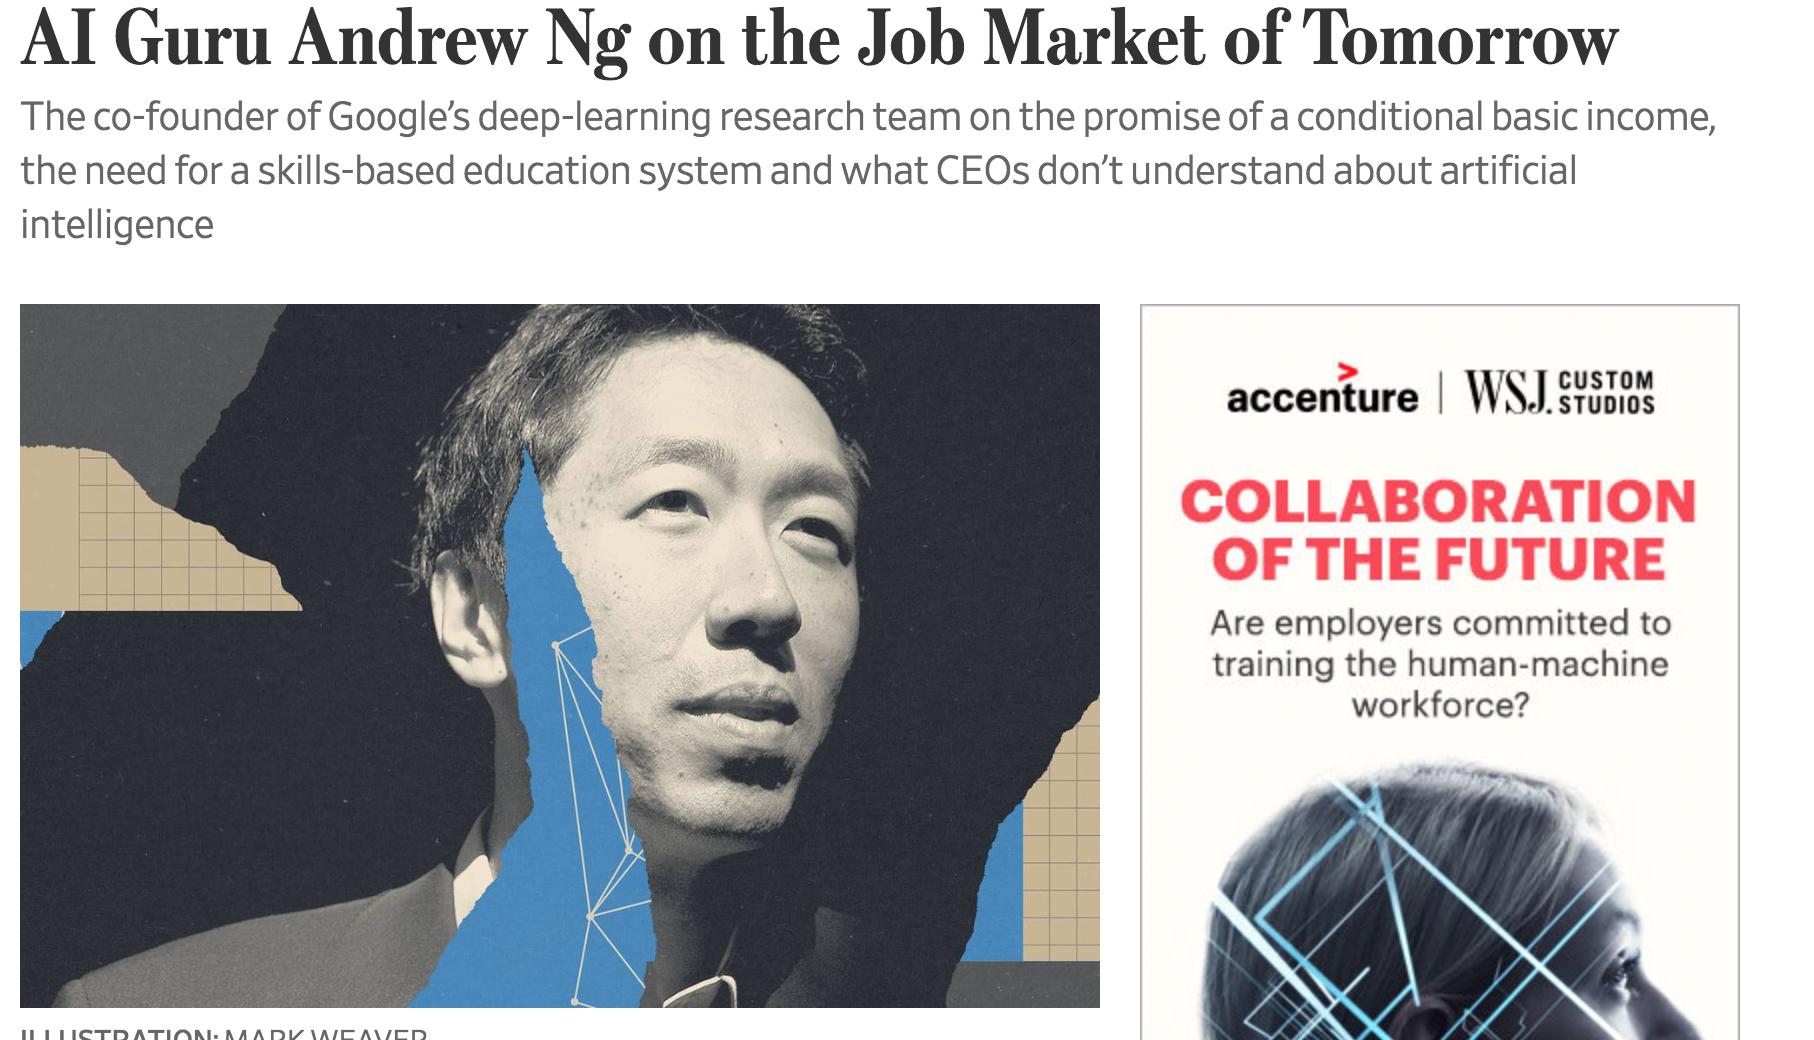 吴恩达担忧:AI创造的财富 如何分配才公平?